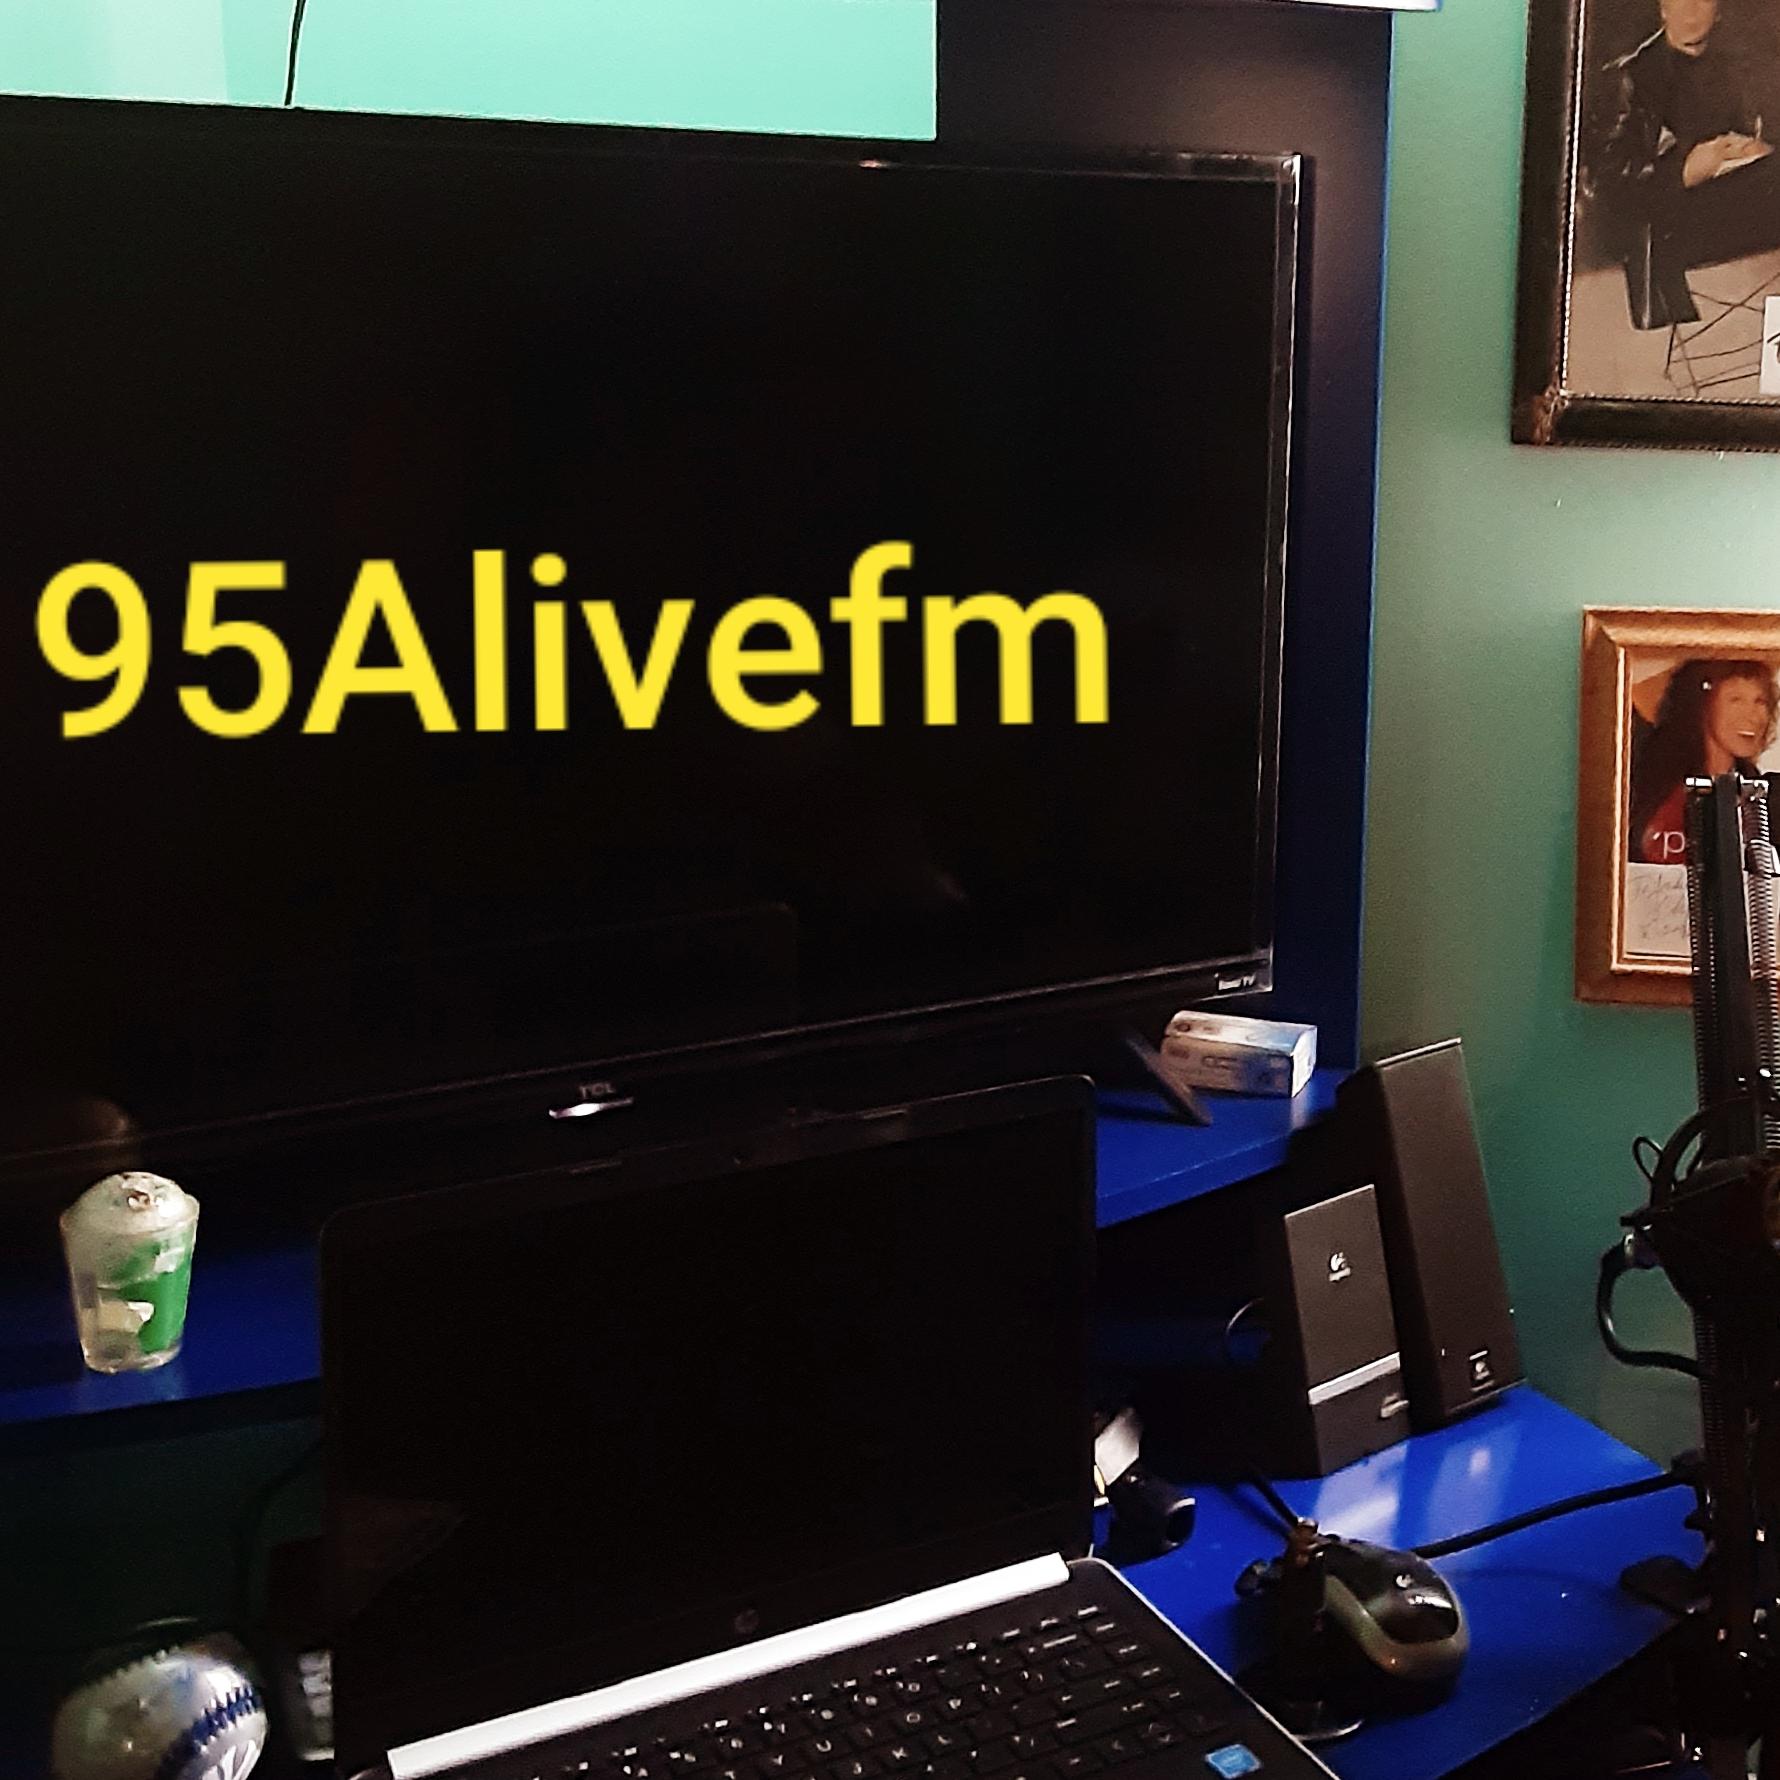 95Alivefm